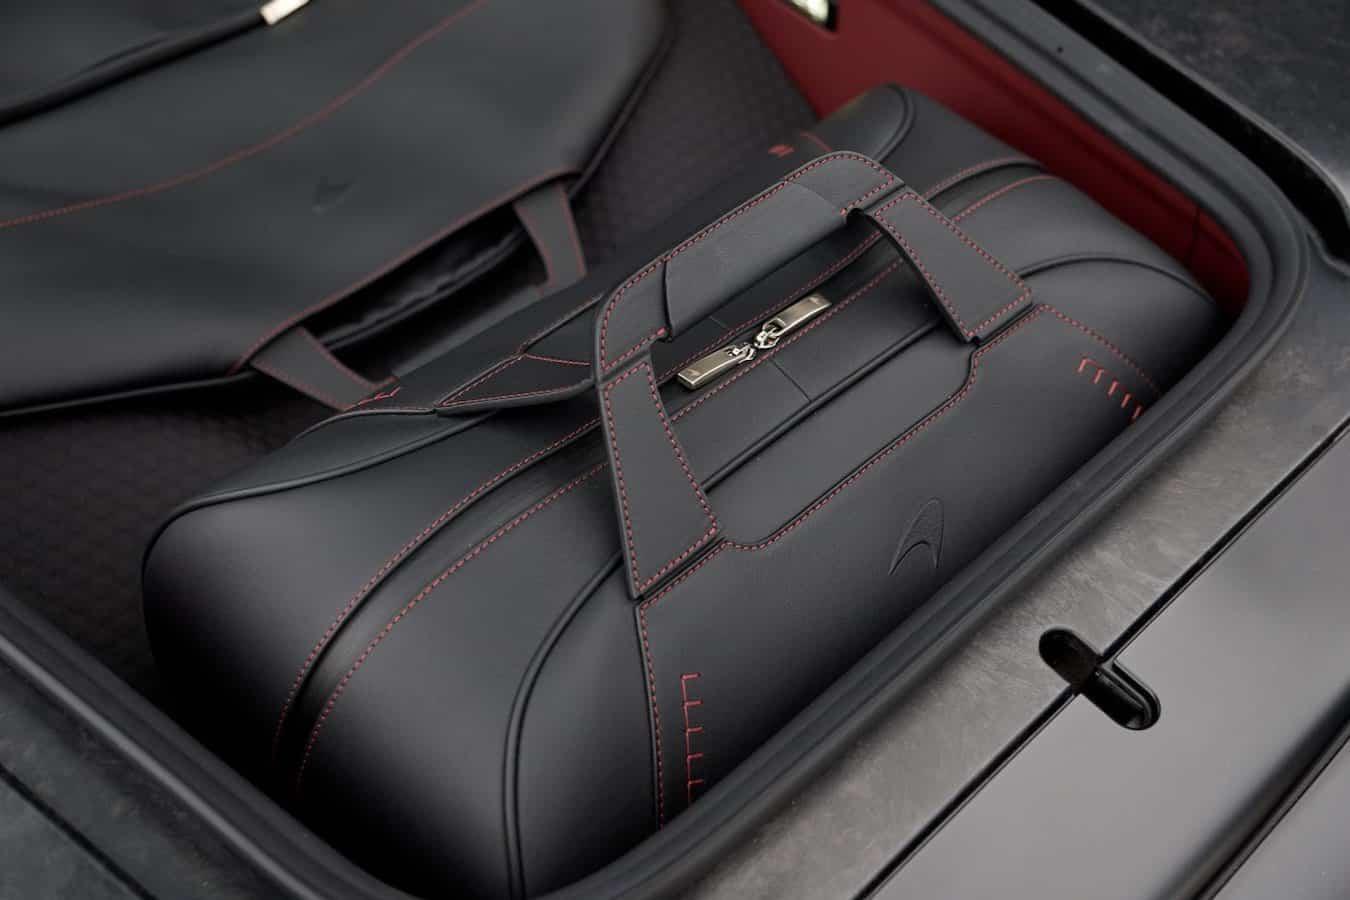 Este lujoso set de equipaje McLaren personalizado está disponible por $15.400